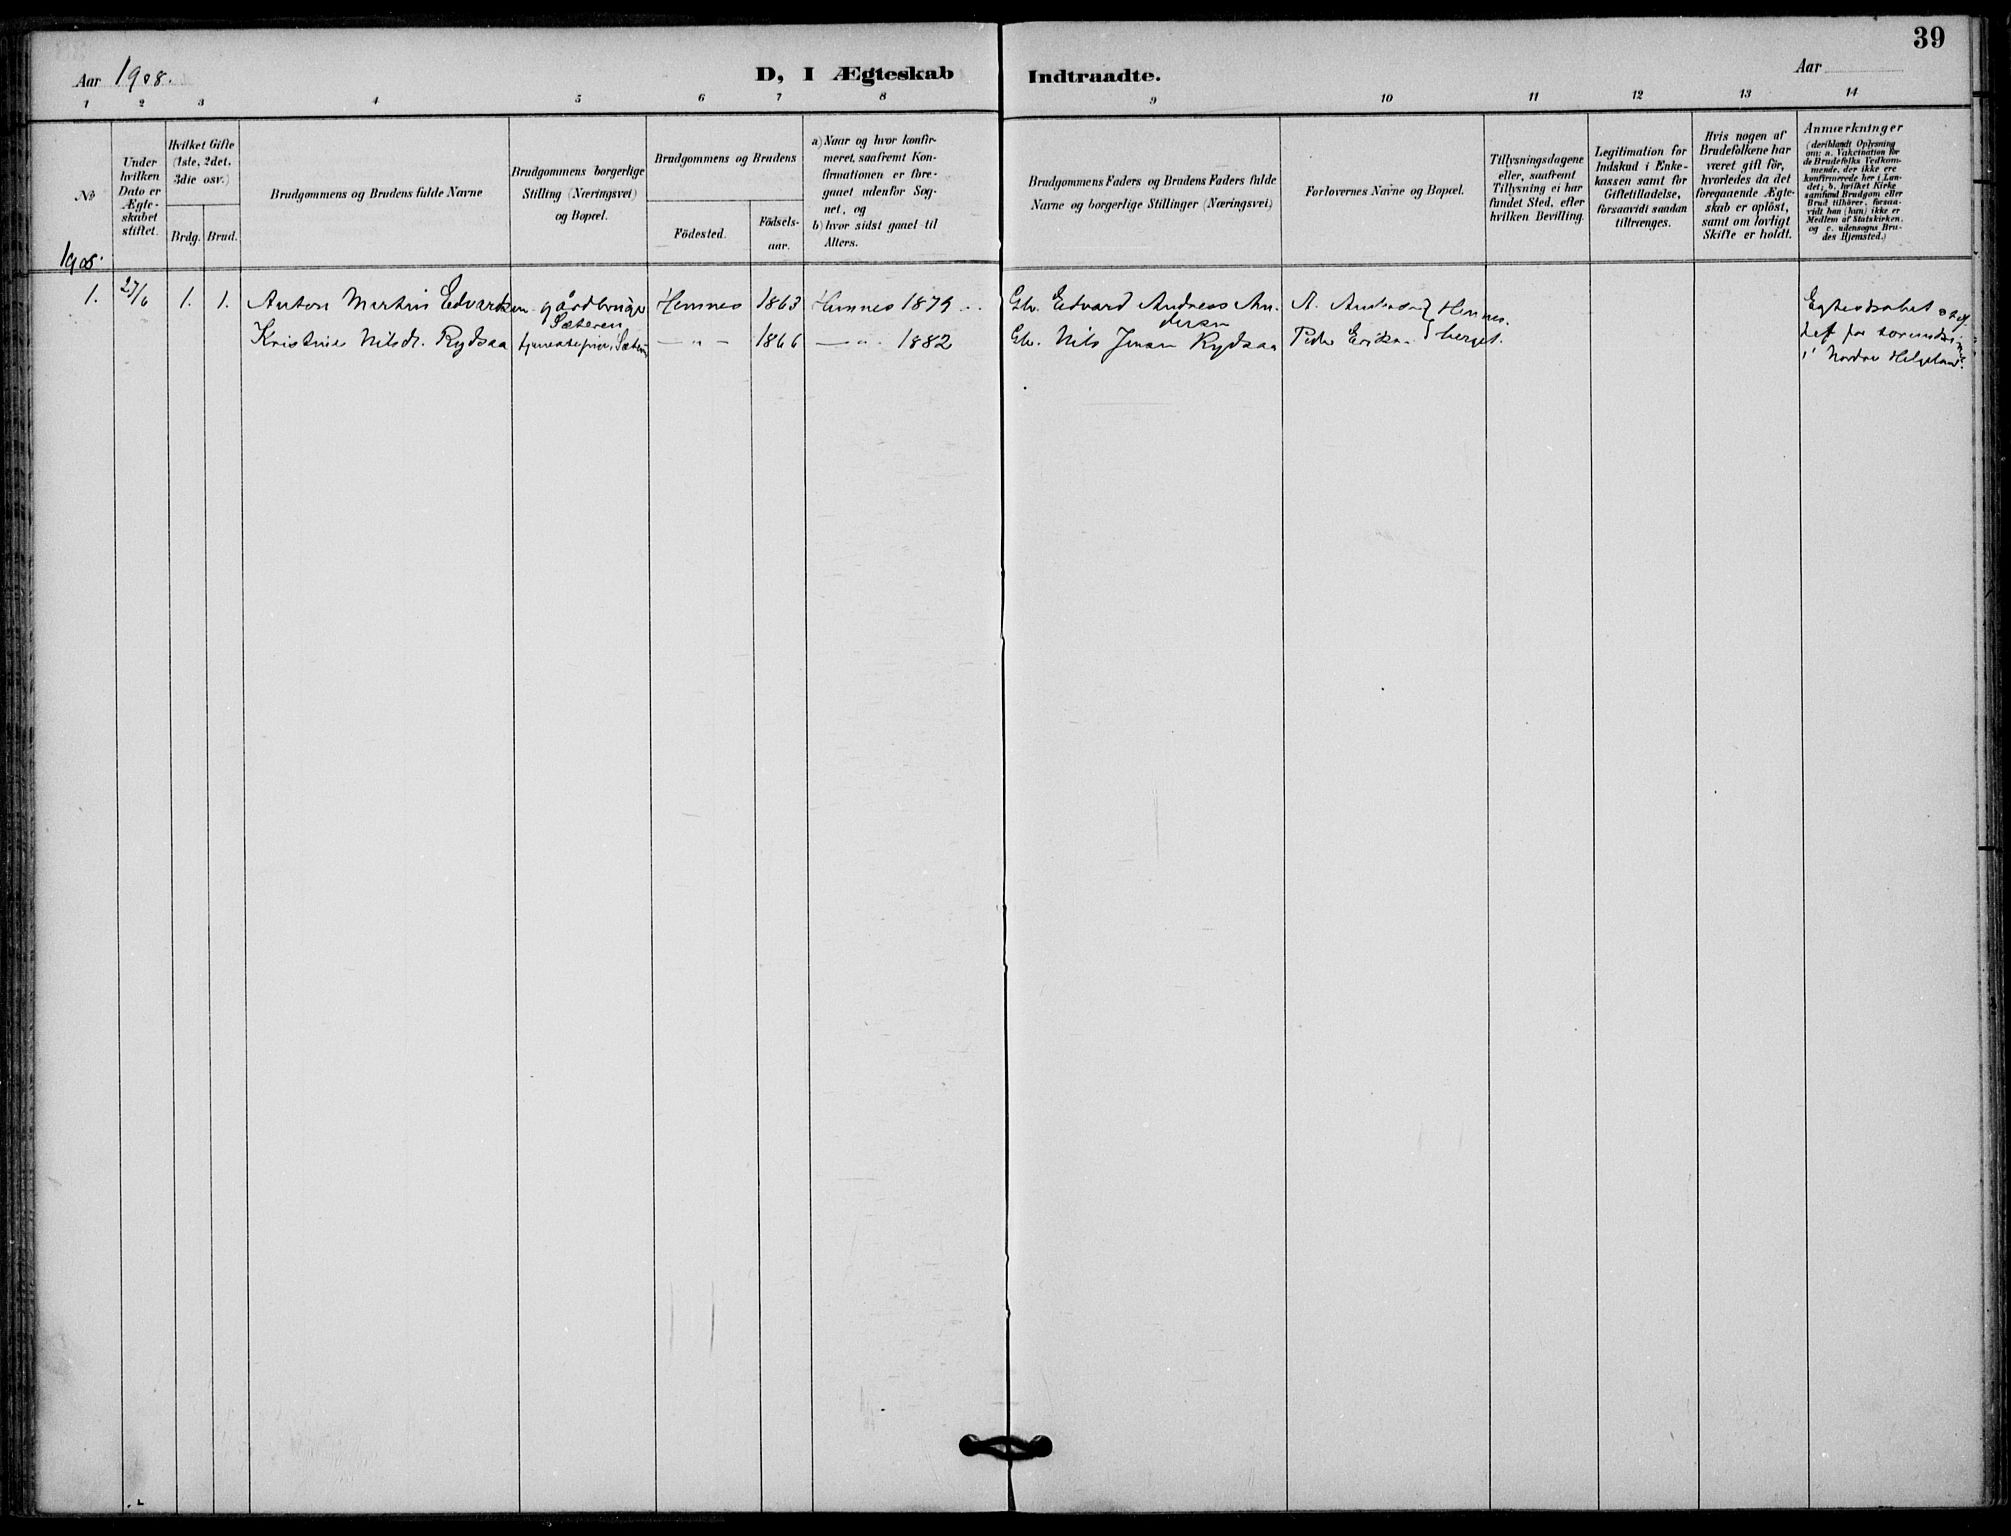 SAT, Ministerialprotokoller, klokkerbøker og fødselsregistre - Nordland, 825/L0363: Parish register (official) no. 825A17, 1890-1909, p. 39